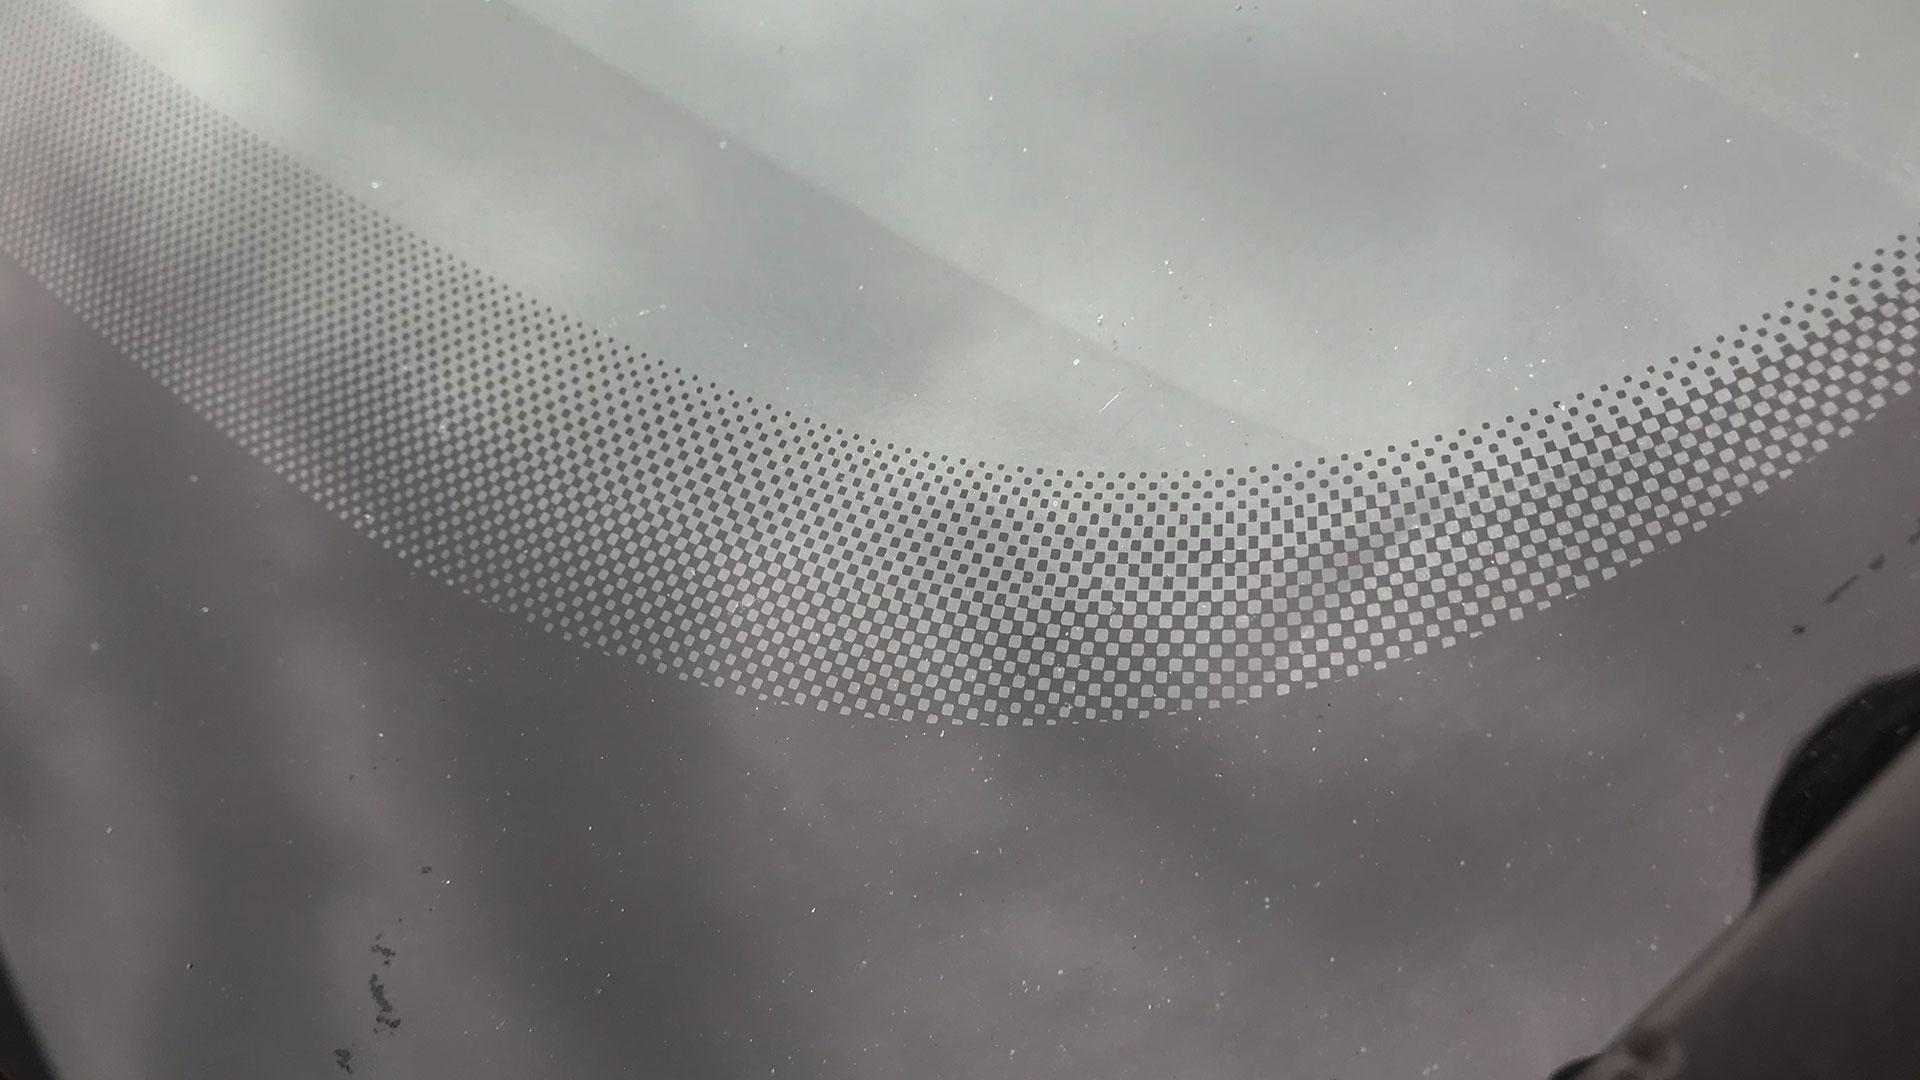 Zwarte puntjes (stippen) op voorruit of raam